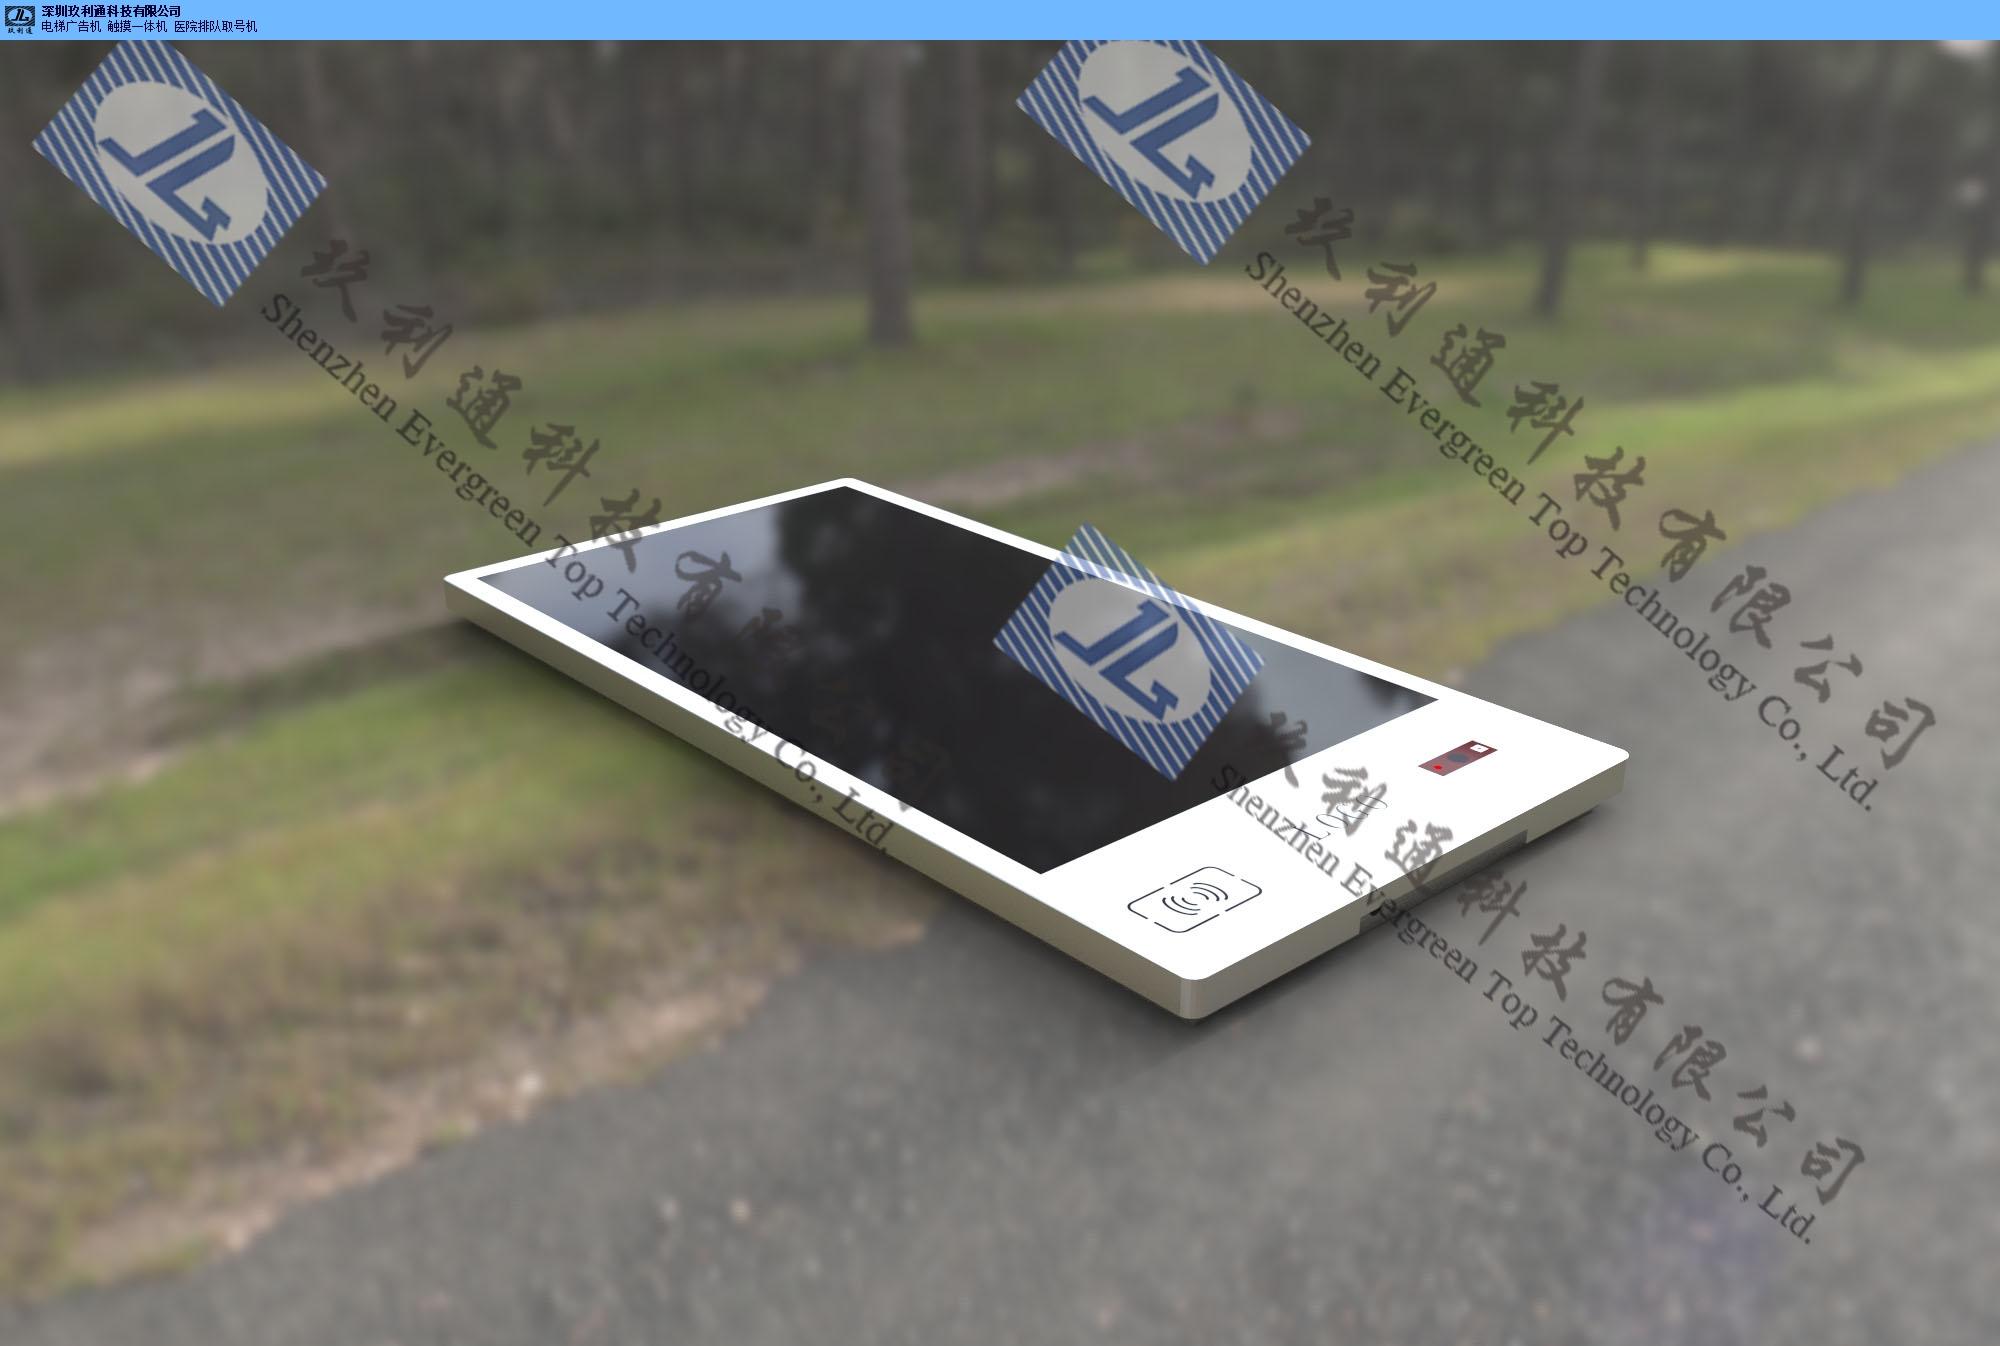 自助终端医院刷卡机 深圳市玖利通供应